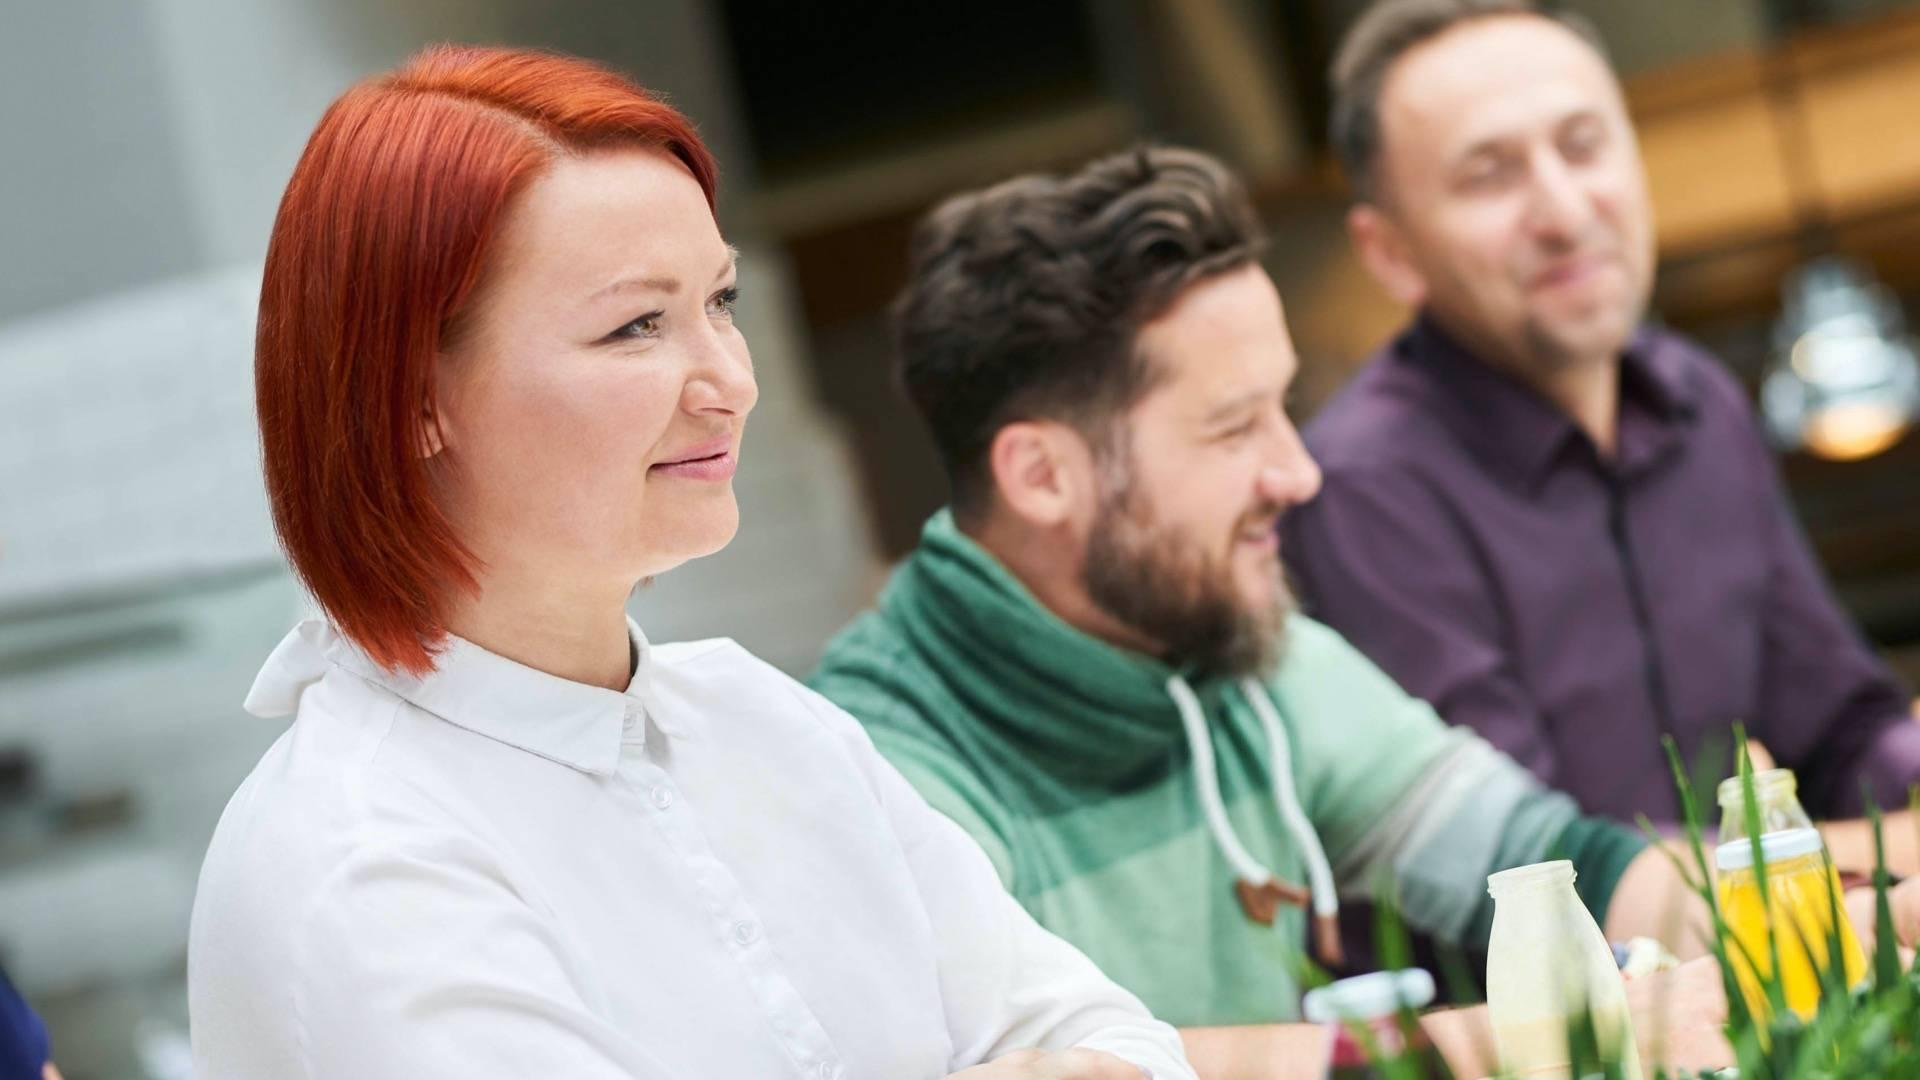 Poznaj Lidla jako pracodawcę. Kobiety i mężczyźni, pracownicy Lidla, siedzą przy stole i rozmawiają w miłej atmosferze.